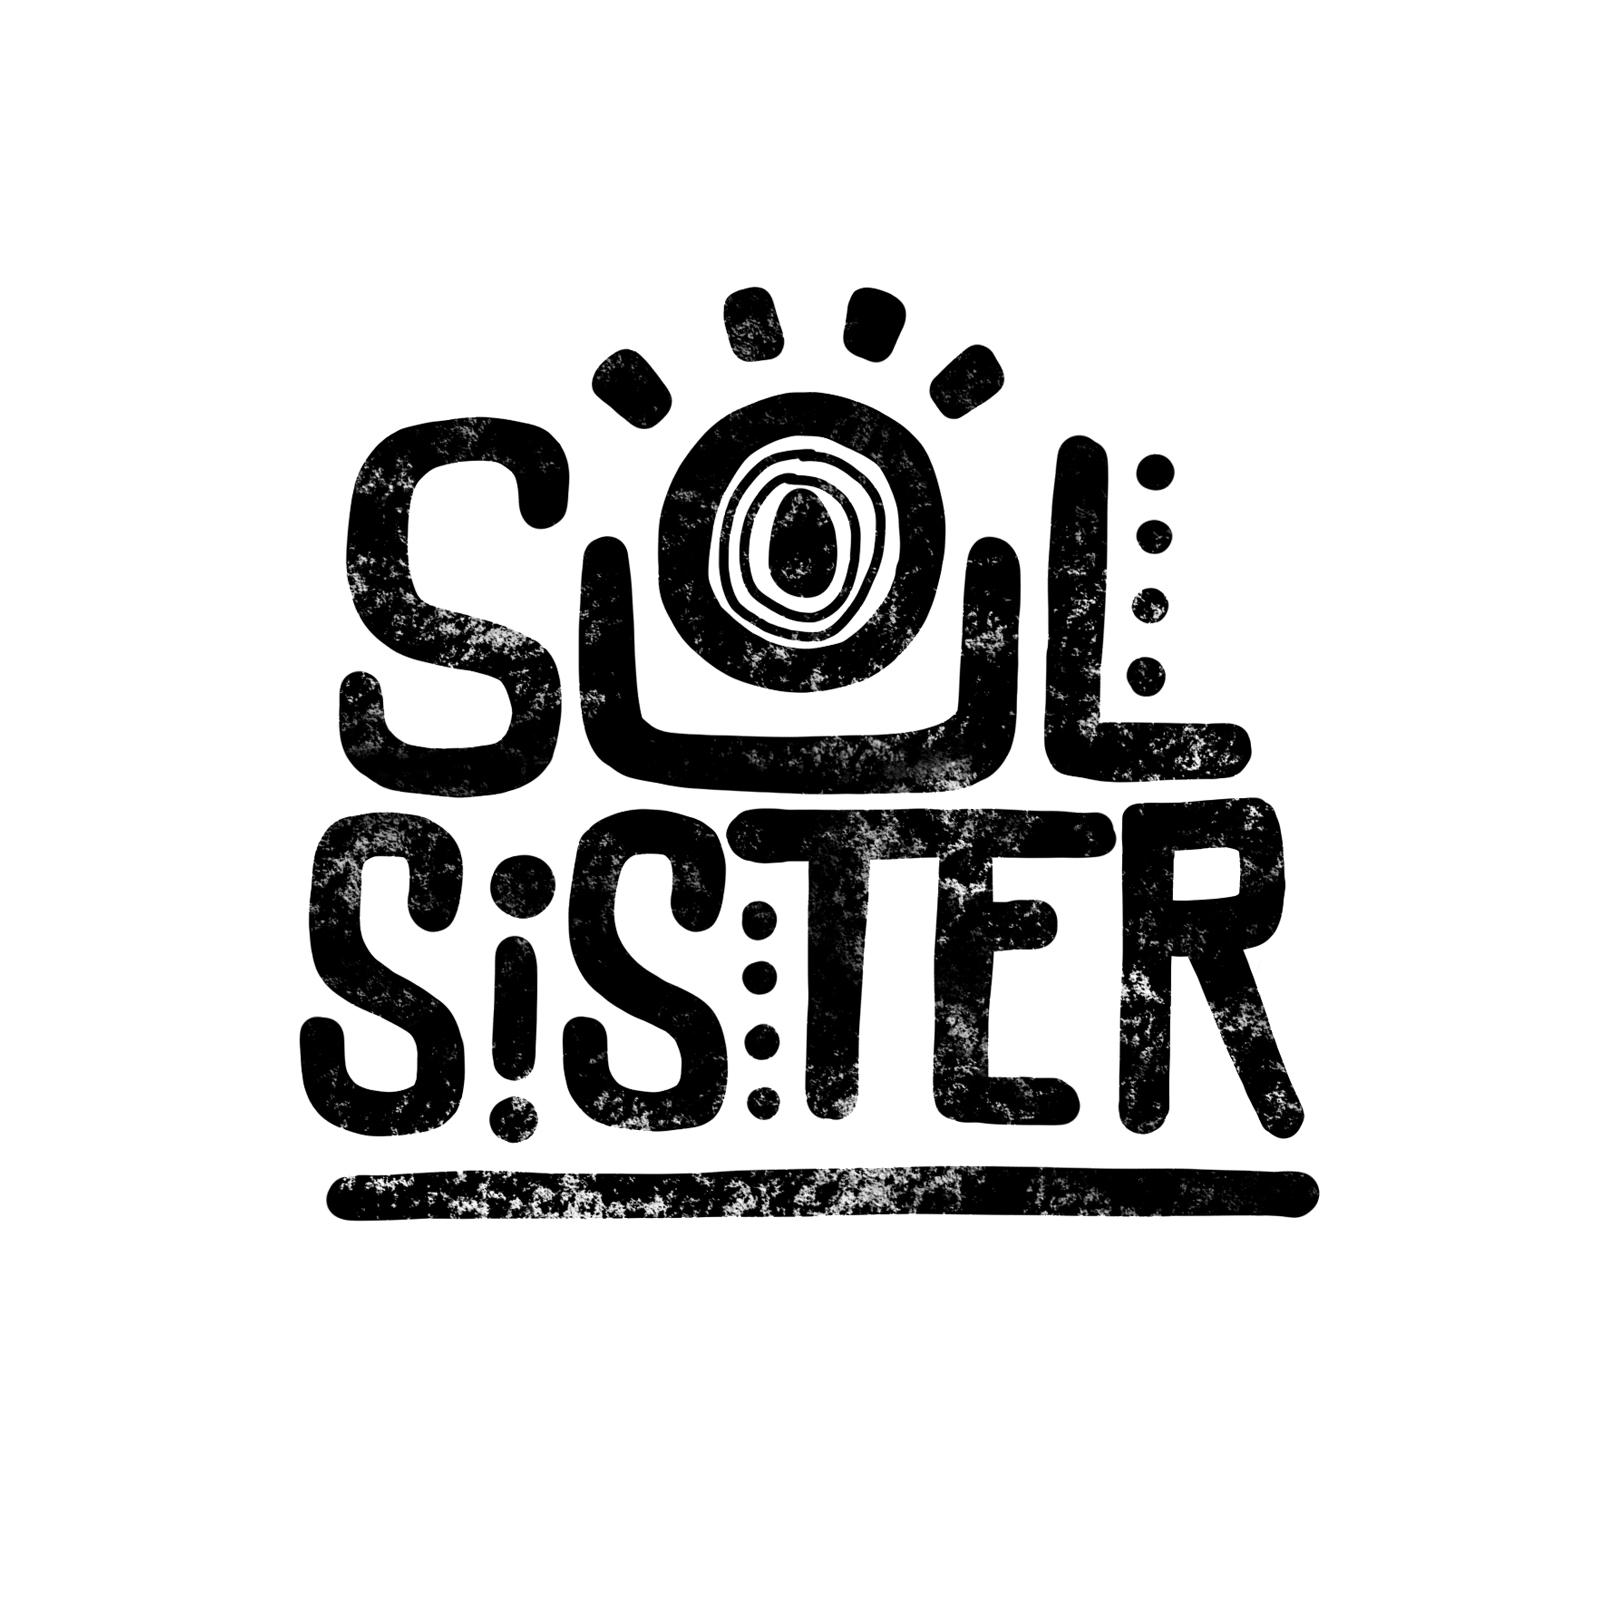 Soul Sister - Daniela Santibanez